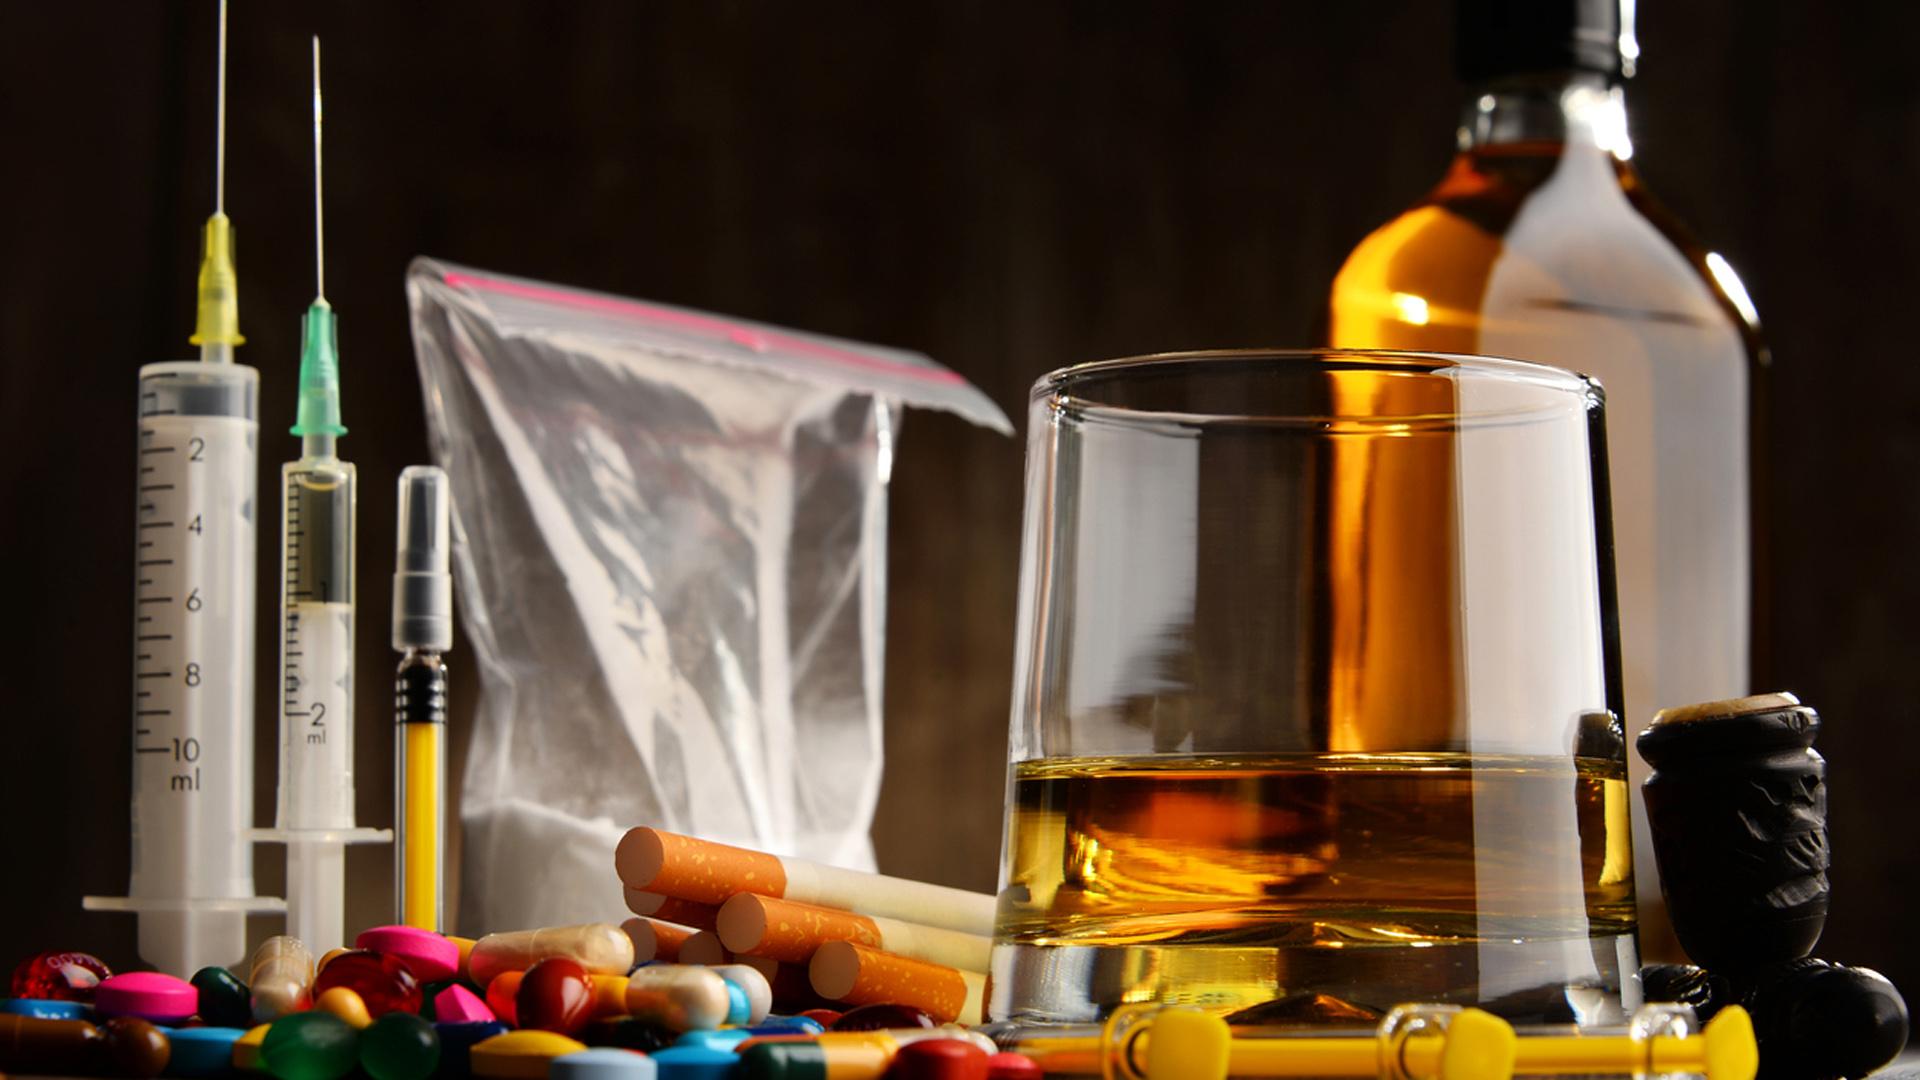 El sistema permite conocer las nuevas drogas o consumos que aparecen en el país (Istock)